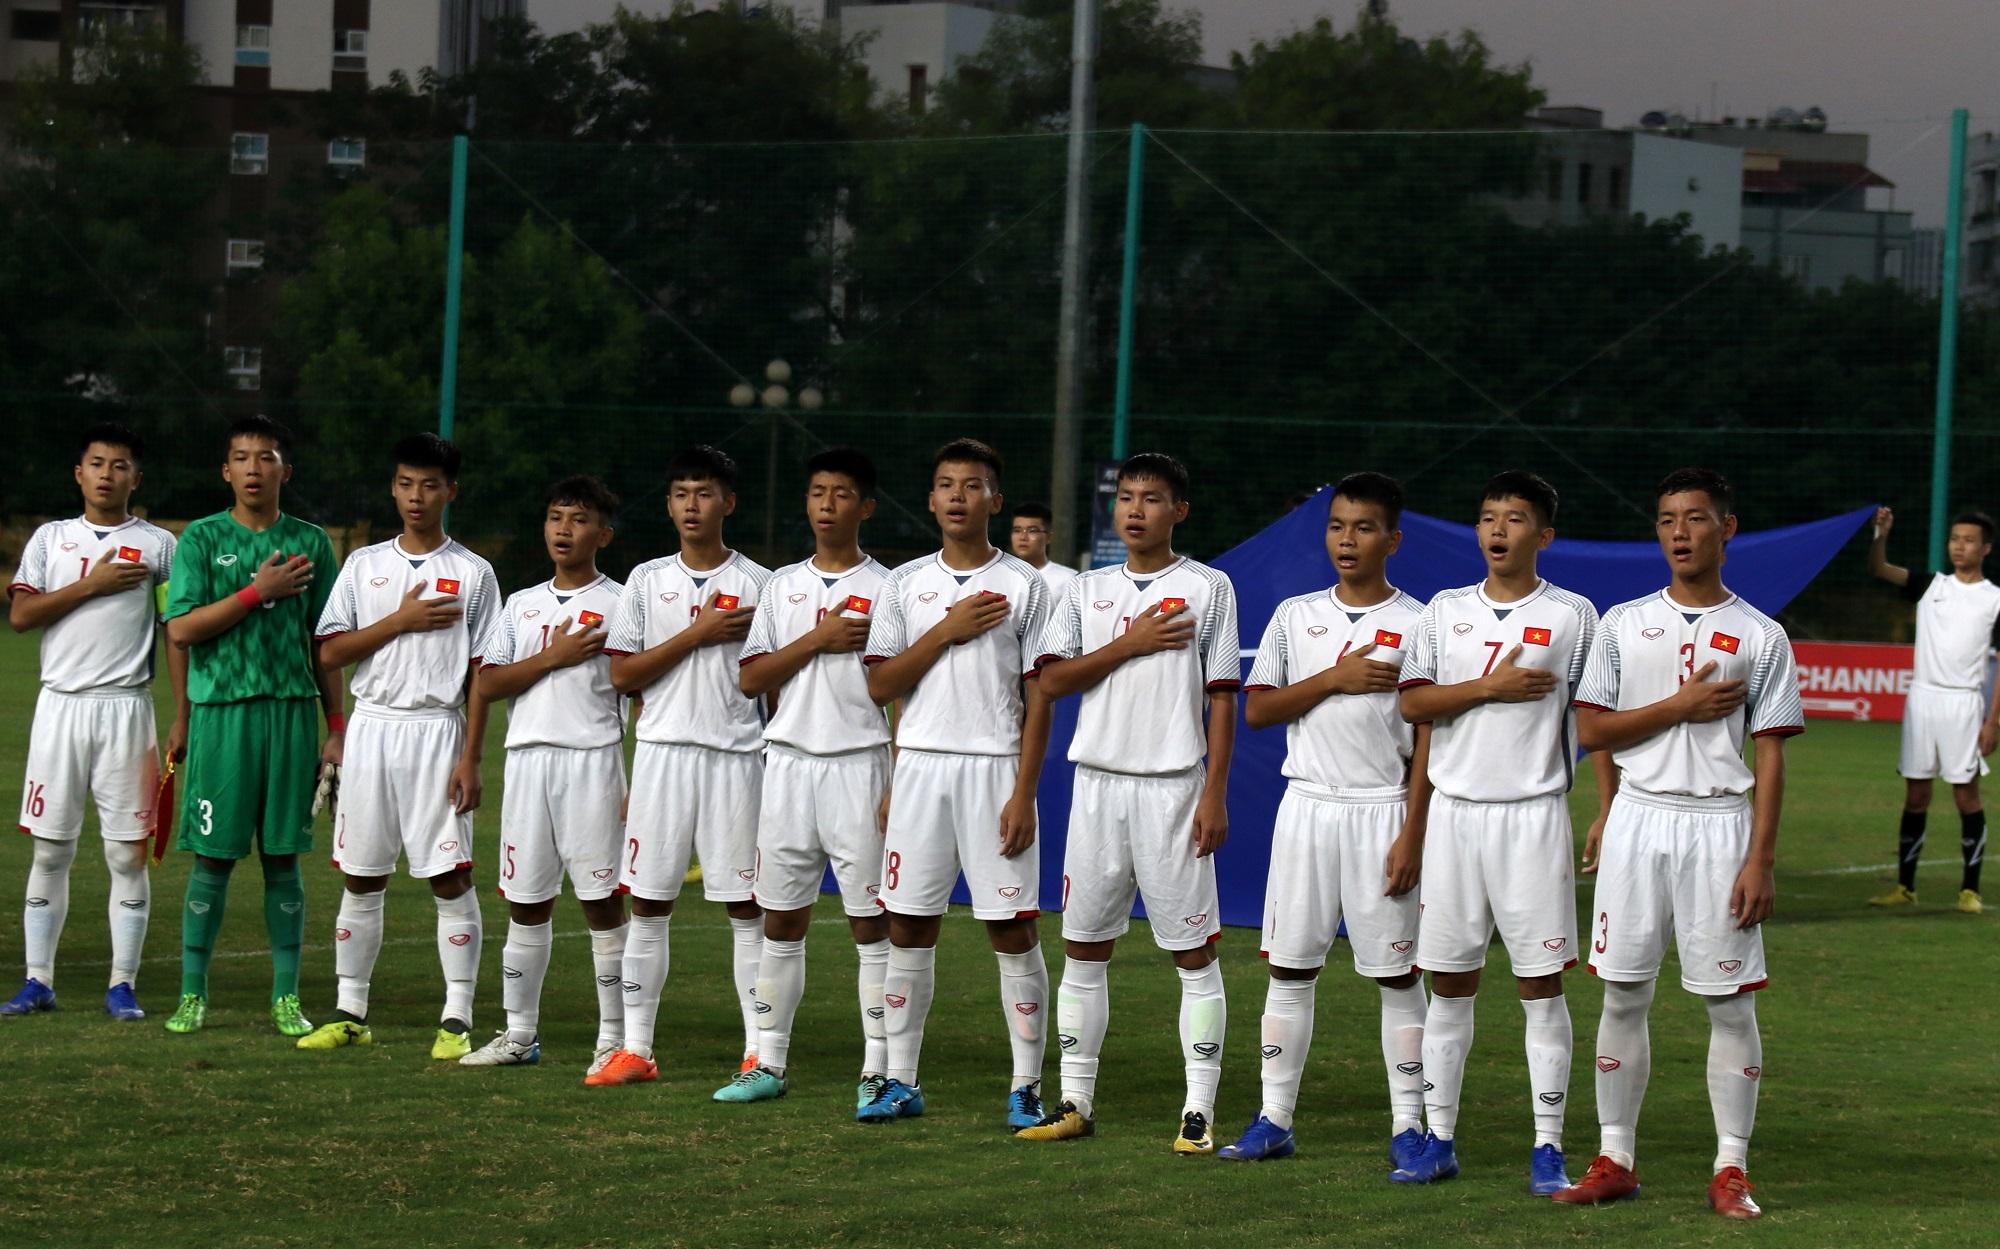 Chùm ảnh trận đấu giữa đội tuyển U16 Việt Nam - U16 Australia tại vòng loại U16 Châu Á 2020 (Bảng H)